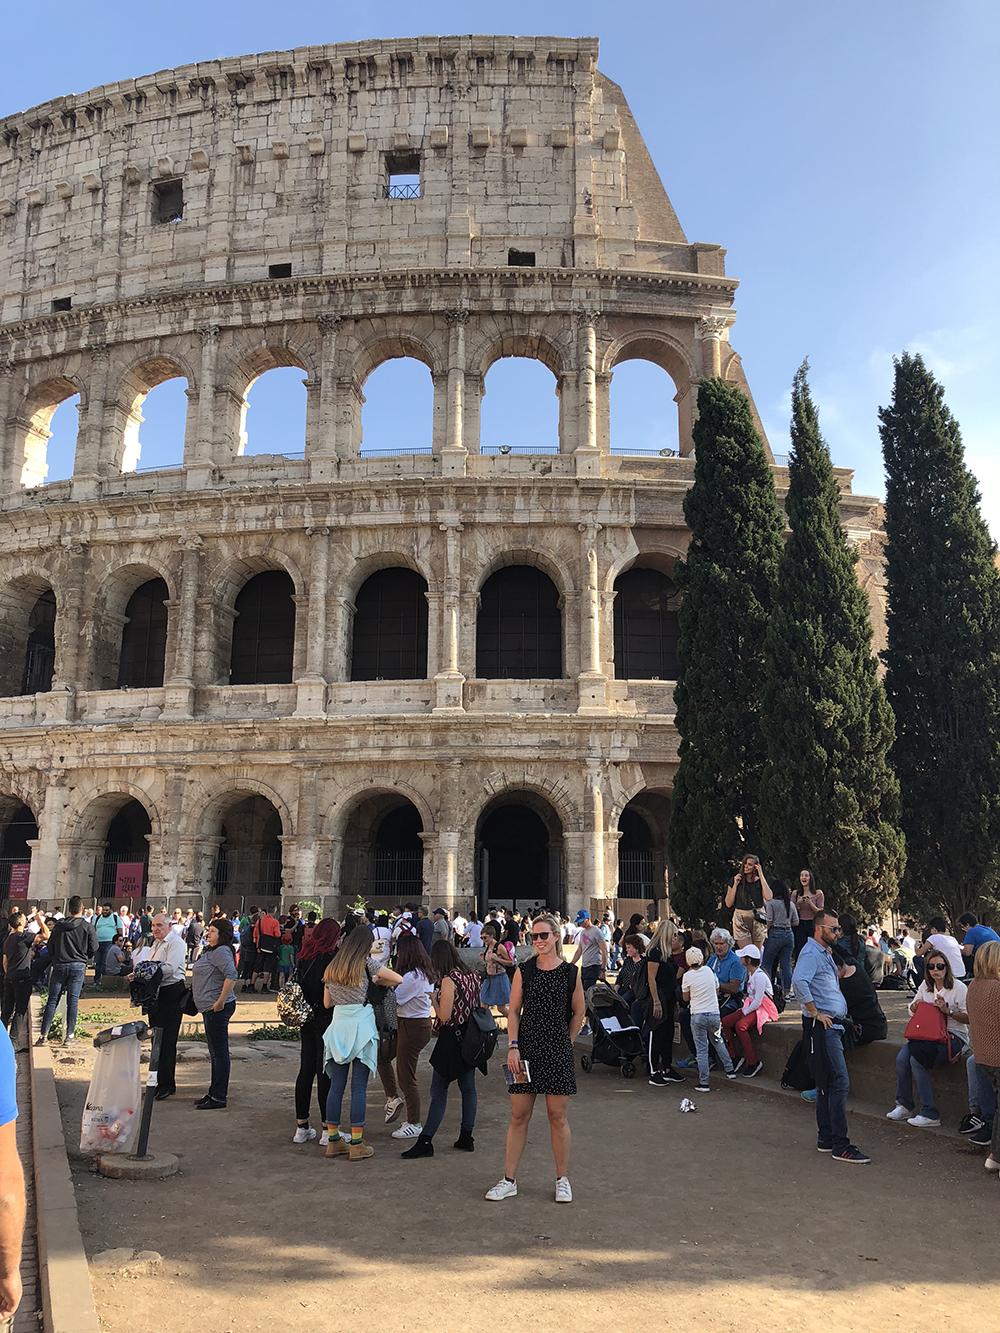 voor Colosseum, Rome